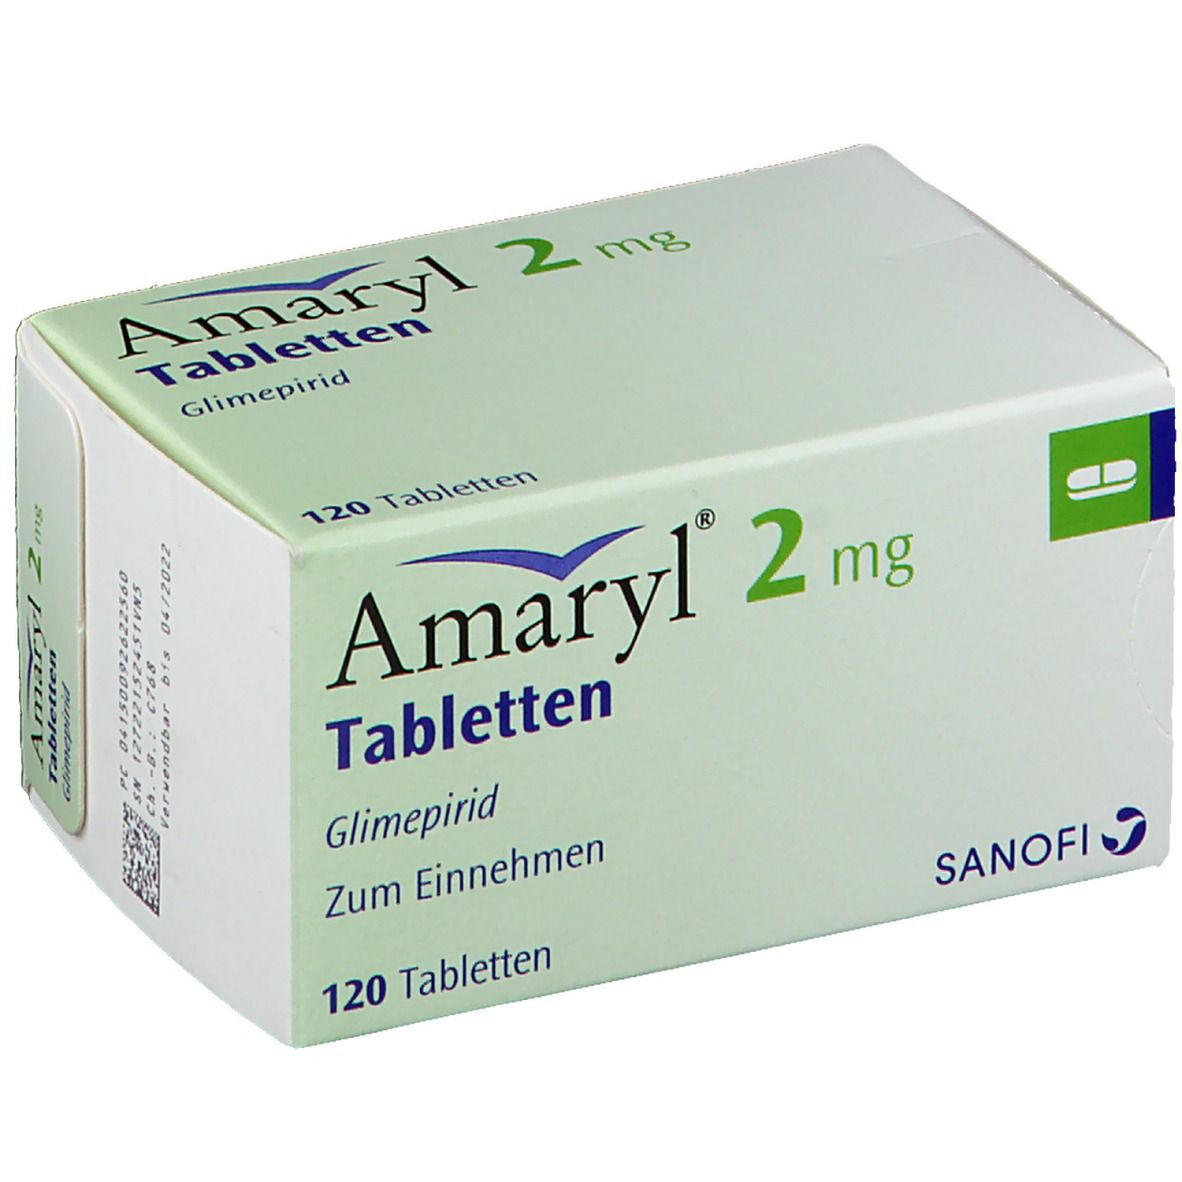 Amaryl aon side effects